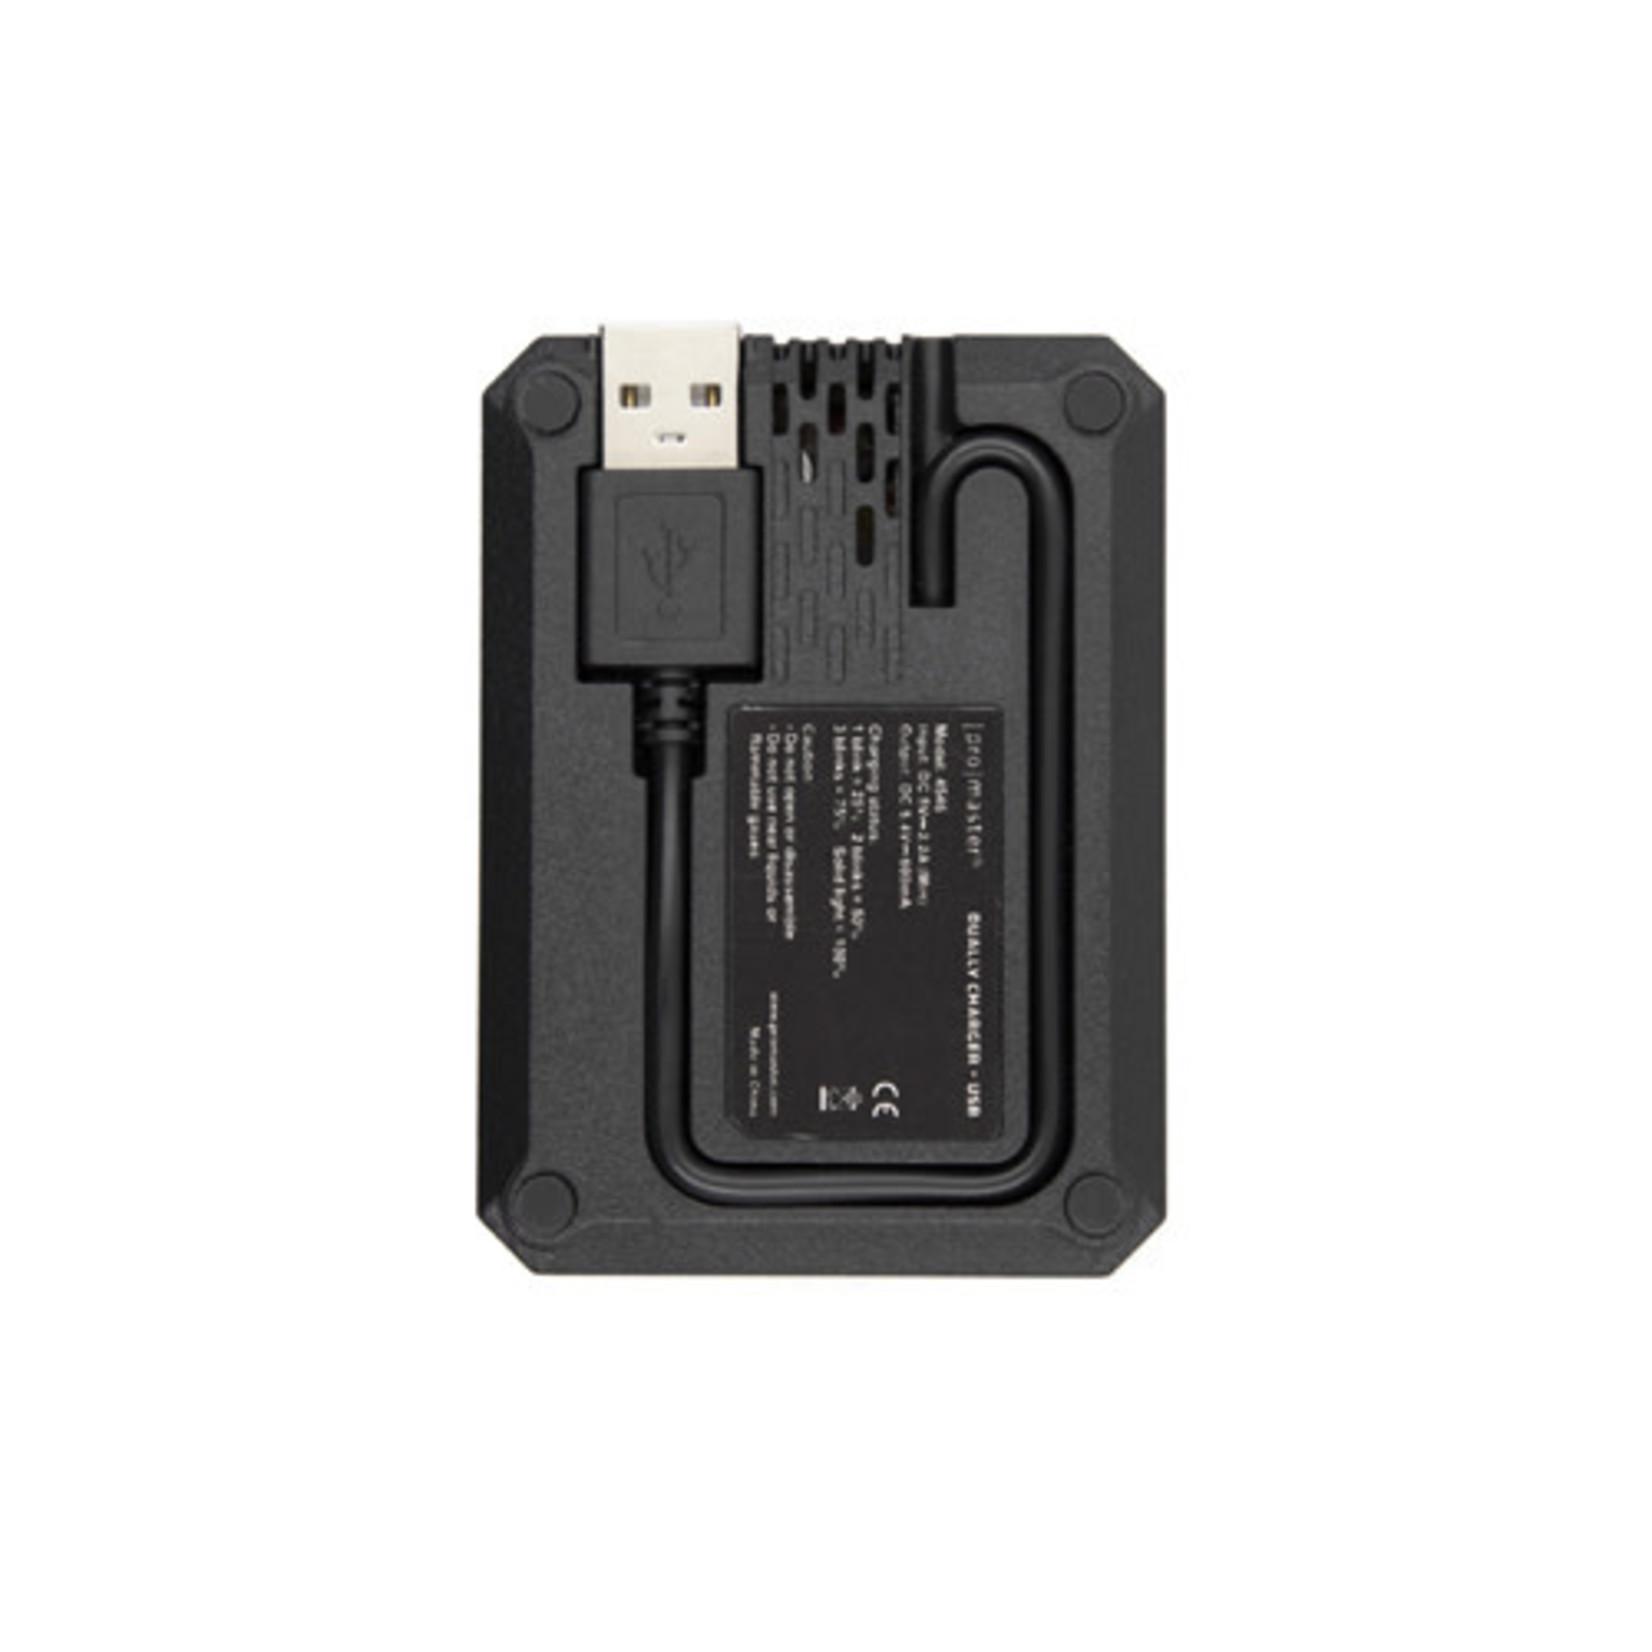 ProMaster Battery & Charger Kit for Nikon EN-EL15c